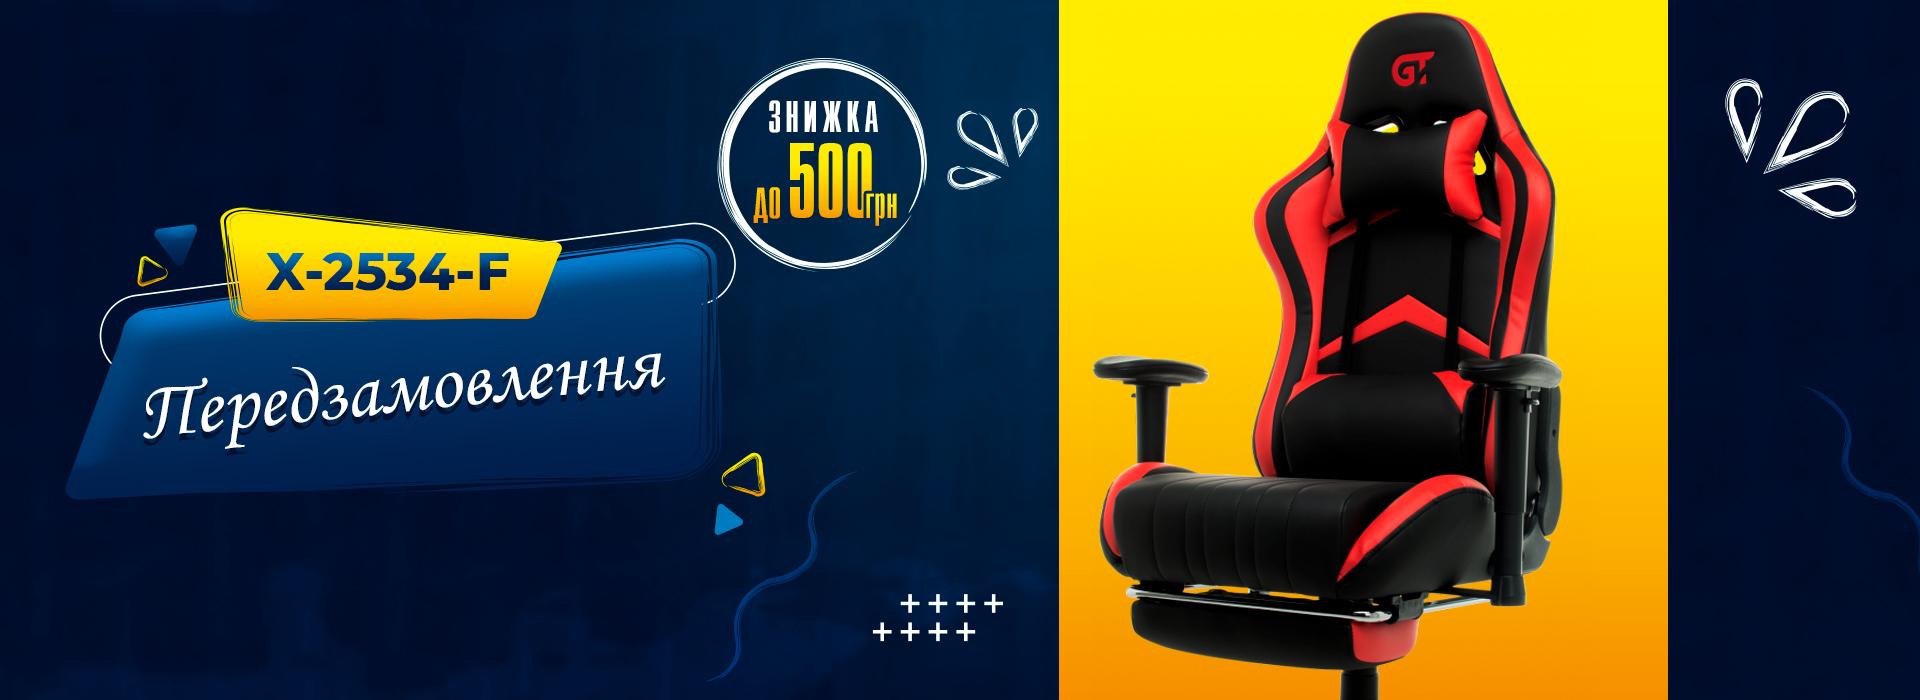 Передзамовлення на геймерське крісло GT Racer X-2534-F!